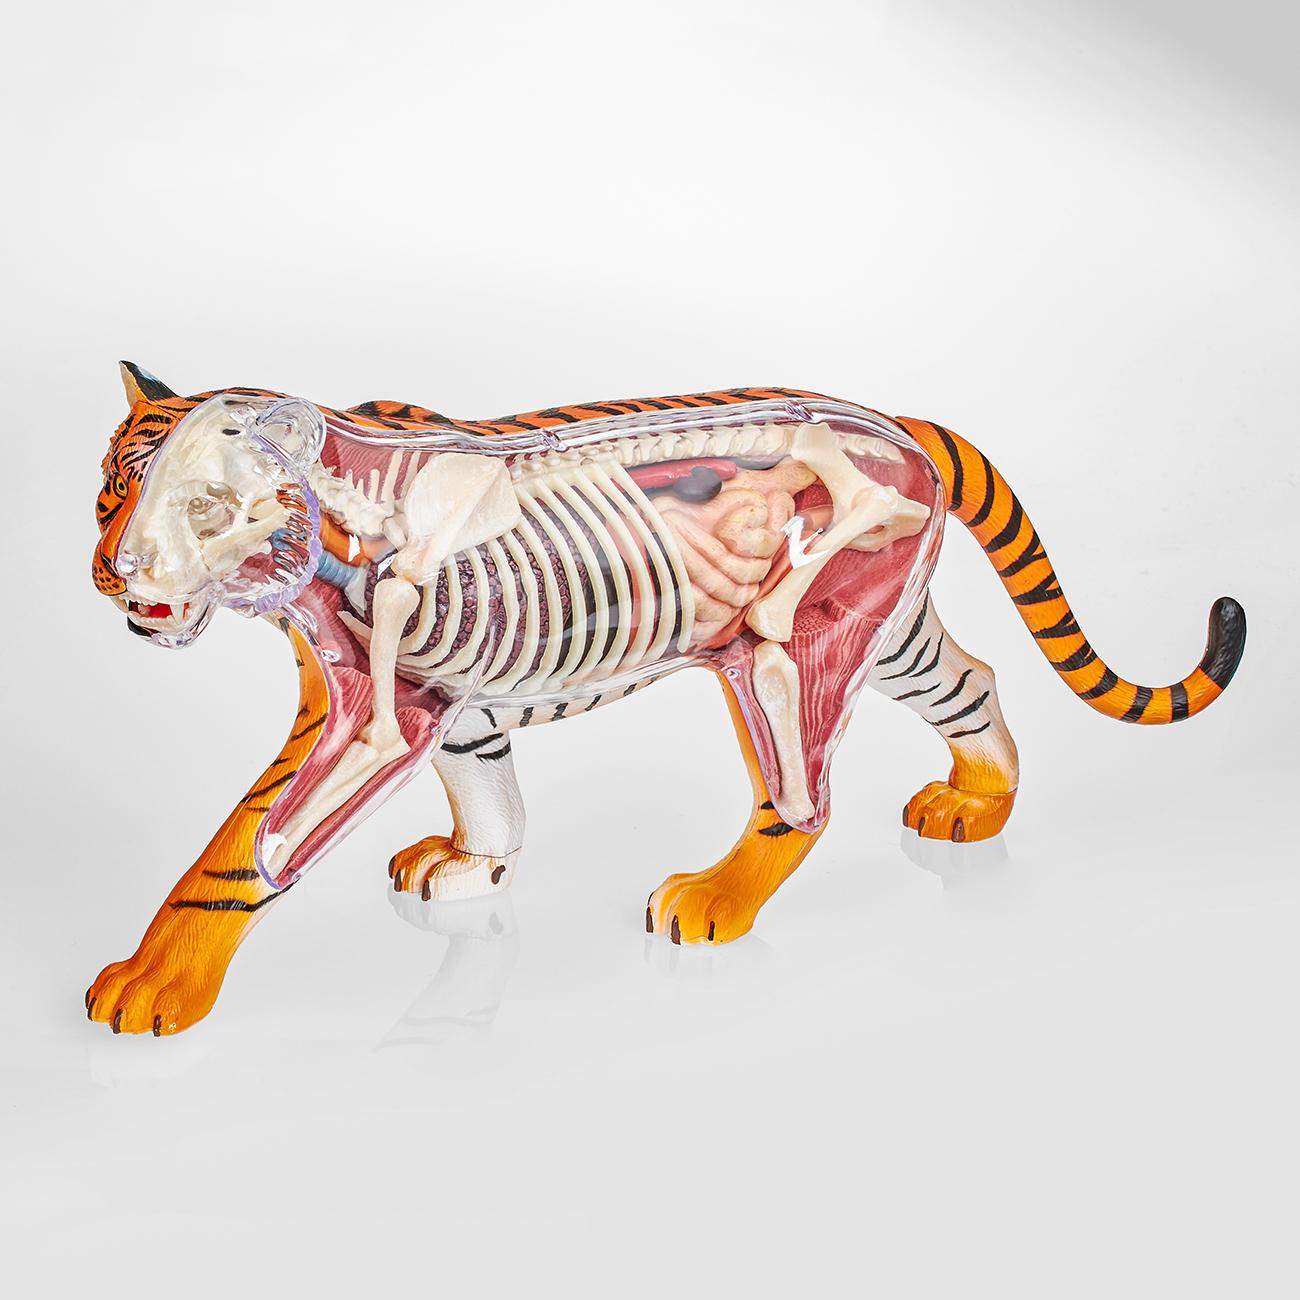 3D-Anatomie-Puzzle - Tiger